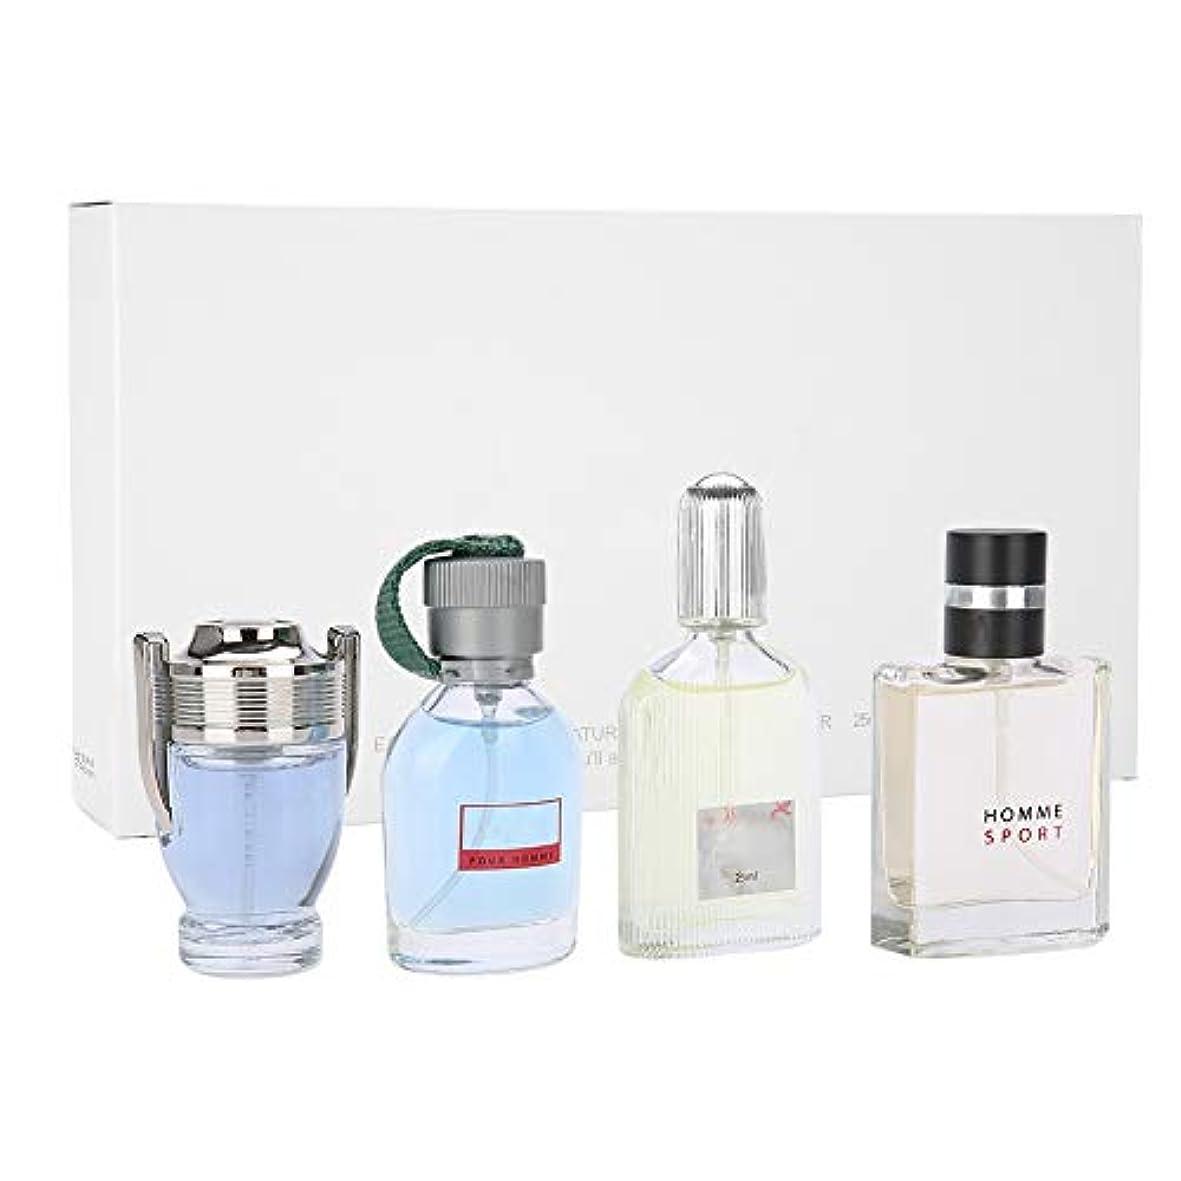 平均差し引く透明に男性フレグランスコロン香水セット、長持ちする新鮮な香水、クリスマス感謝祭バレンタインデーギフト